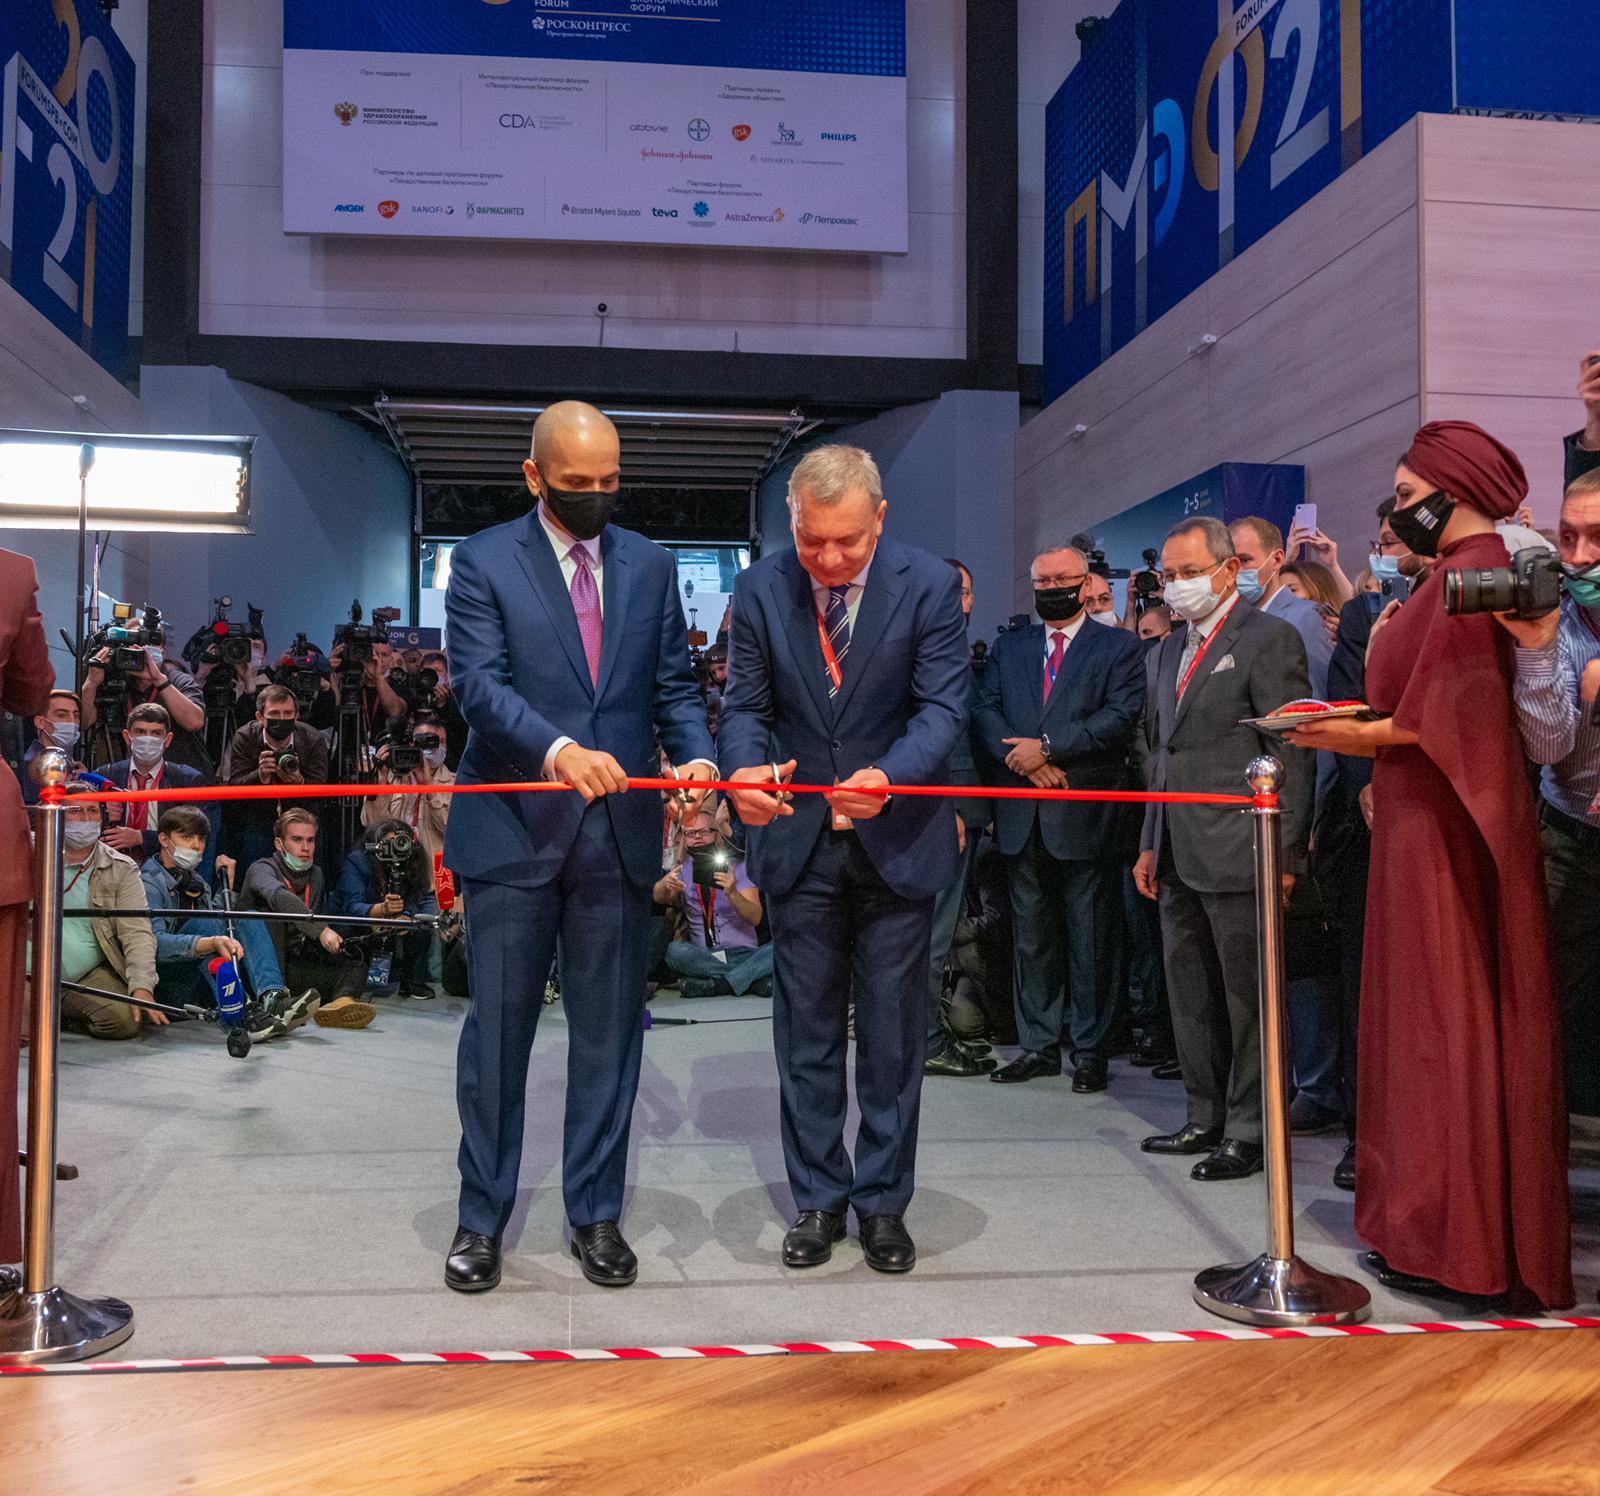 نائب رئيس مجلس الوزراء وزير الخارجية يفتتح جناح دولة قطر في النسخة الـ24 لمنتدى سانت بطرسبورغ الاقتصادي الدولي